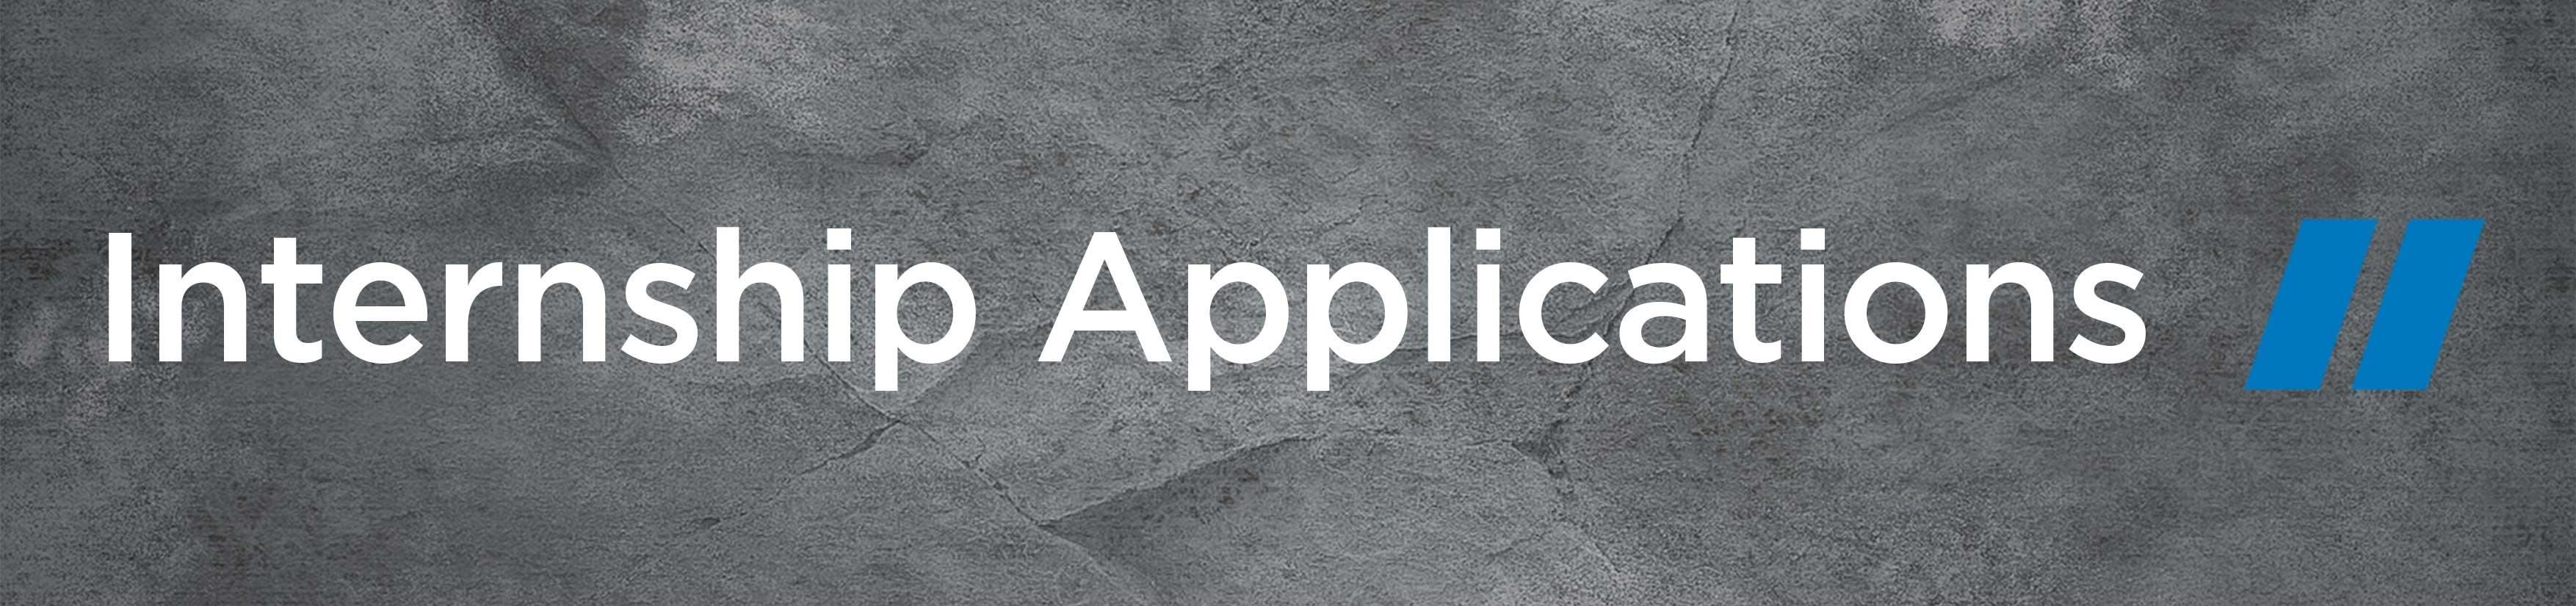 Internship Applications